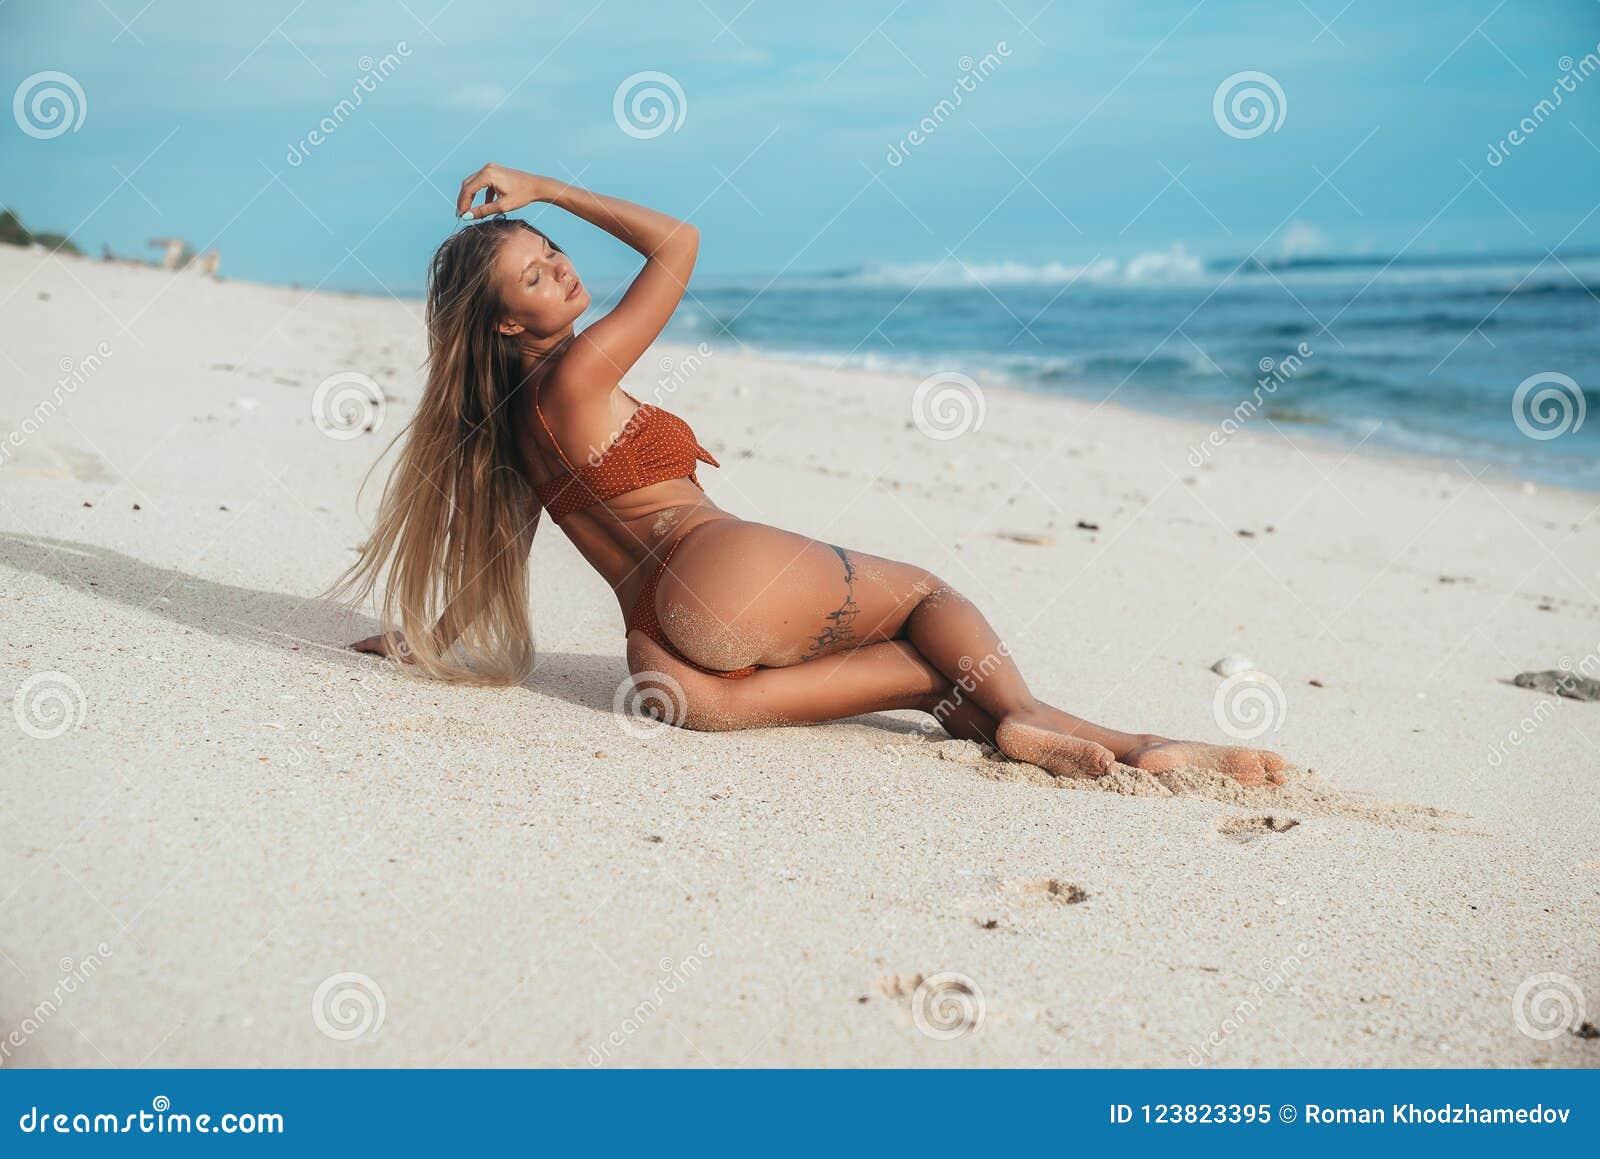 hot women over 40 pics